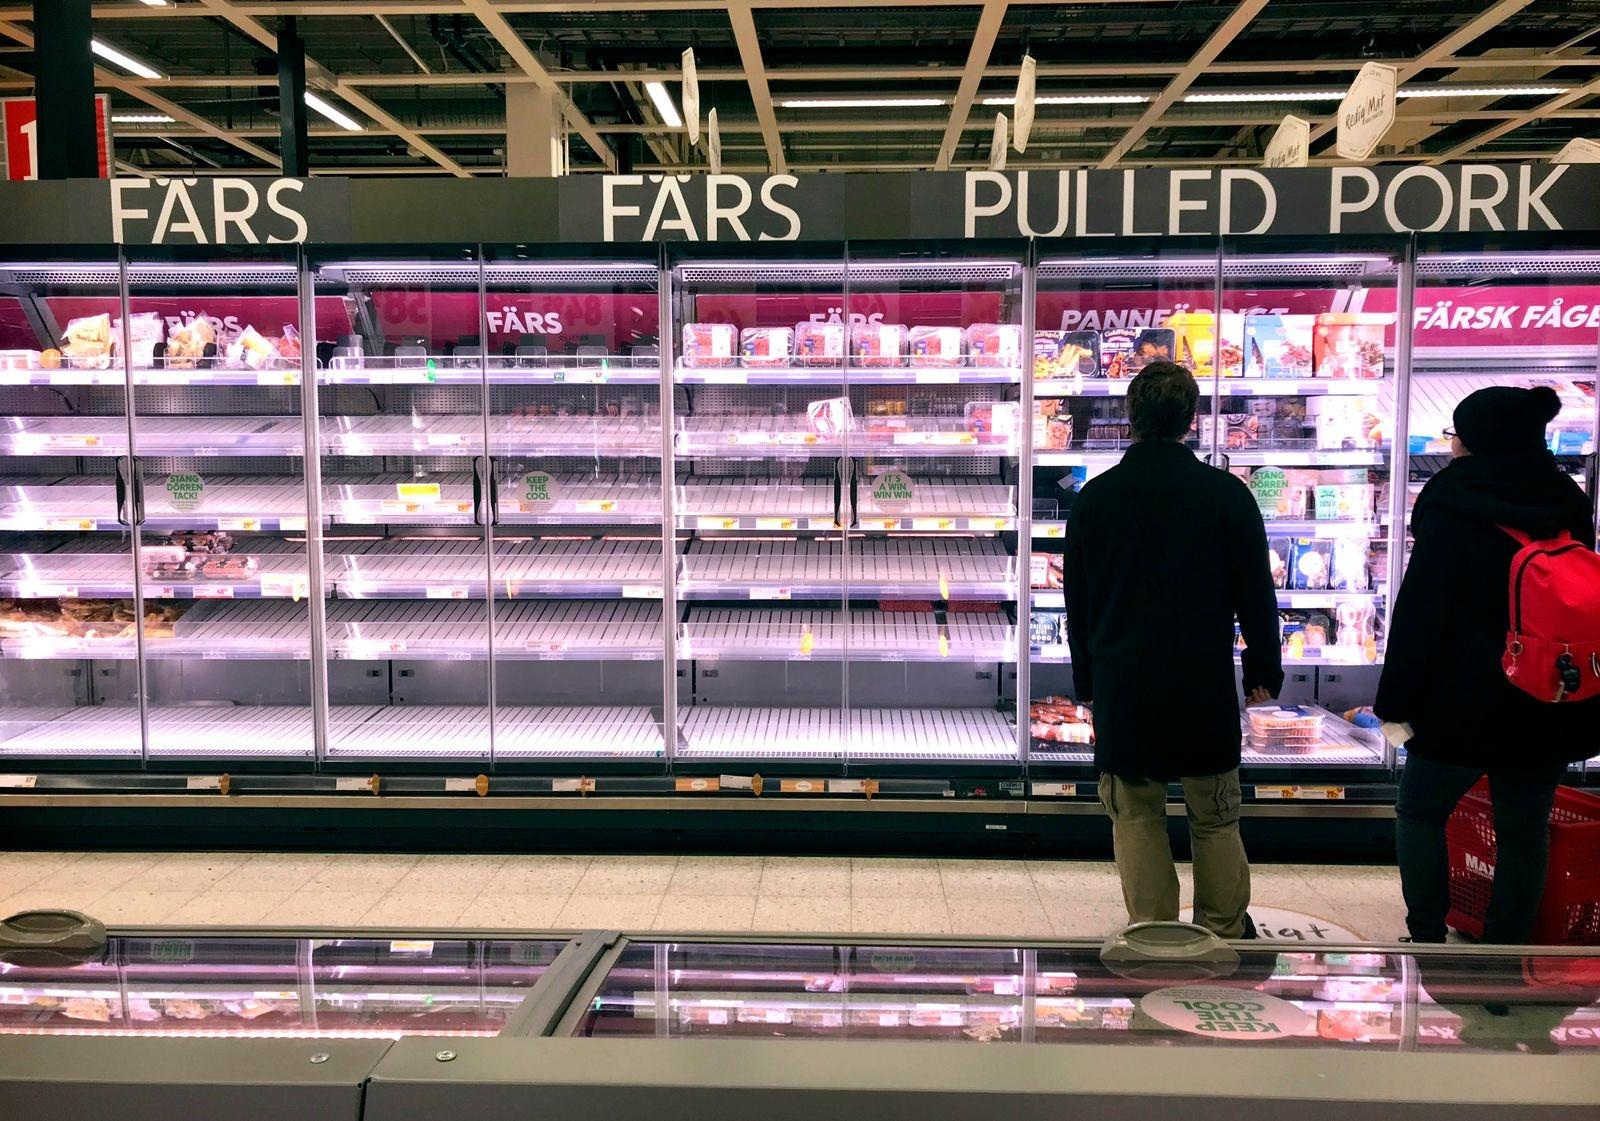 Köttfärshyllan på Maxi gapade tomt på fredagskvällen. Men butiken fyller på varje dag, försäkrar butikschef Anders Wedin.